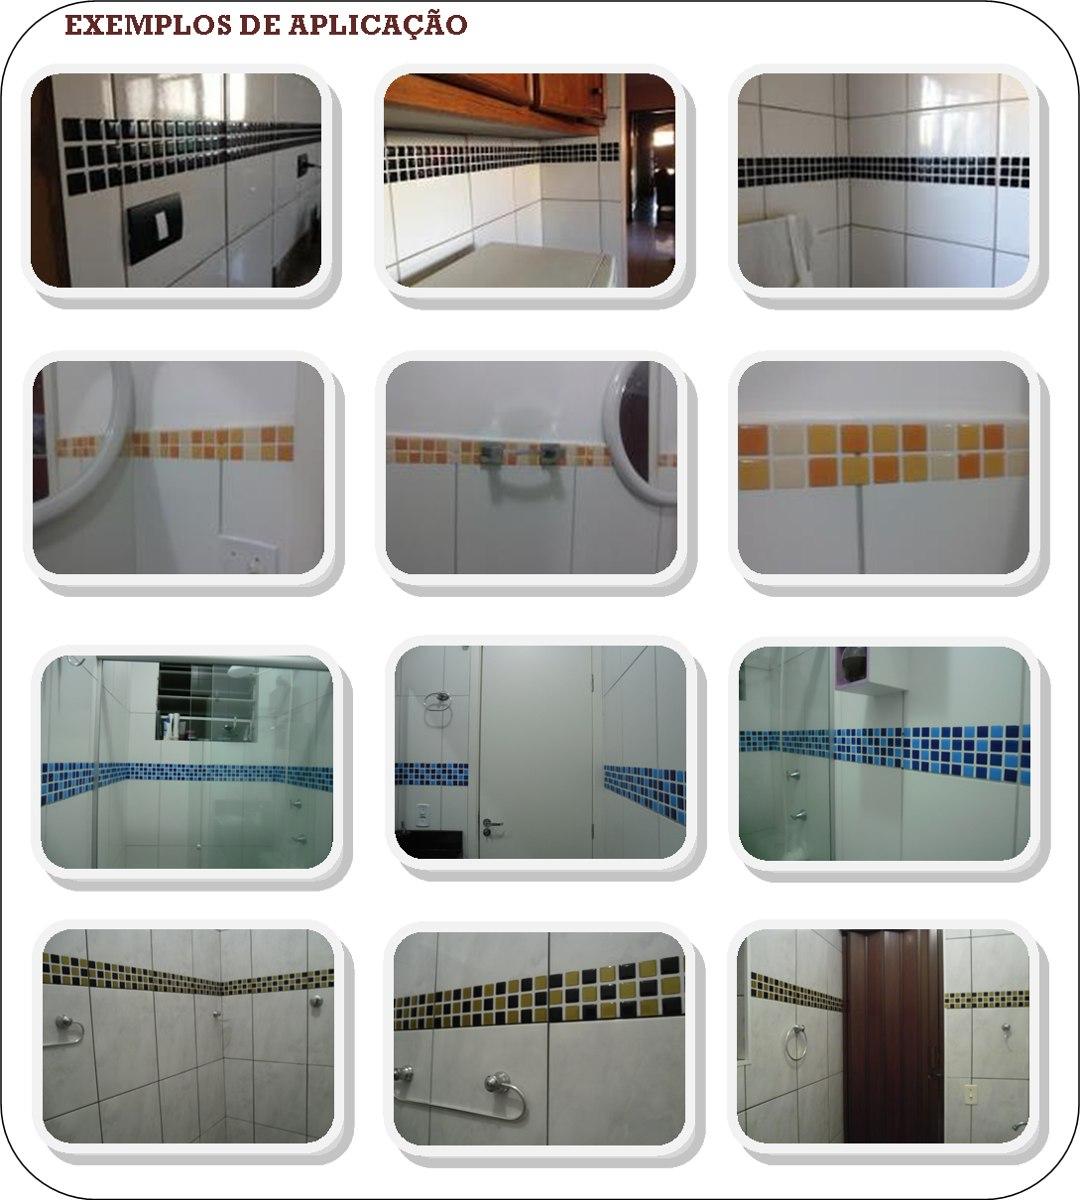 Pastilhas Adesivas Resinadas Cozinha Banheiro R$ 7 99 no  #71452B 1080x1200 Banheiro Com Pastilhas Adesivas